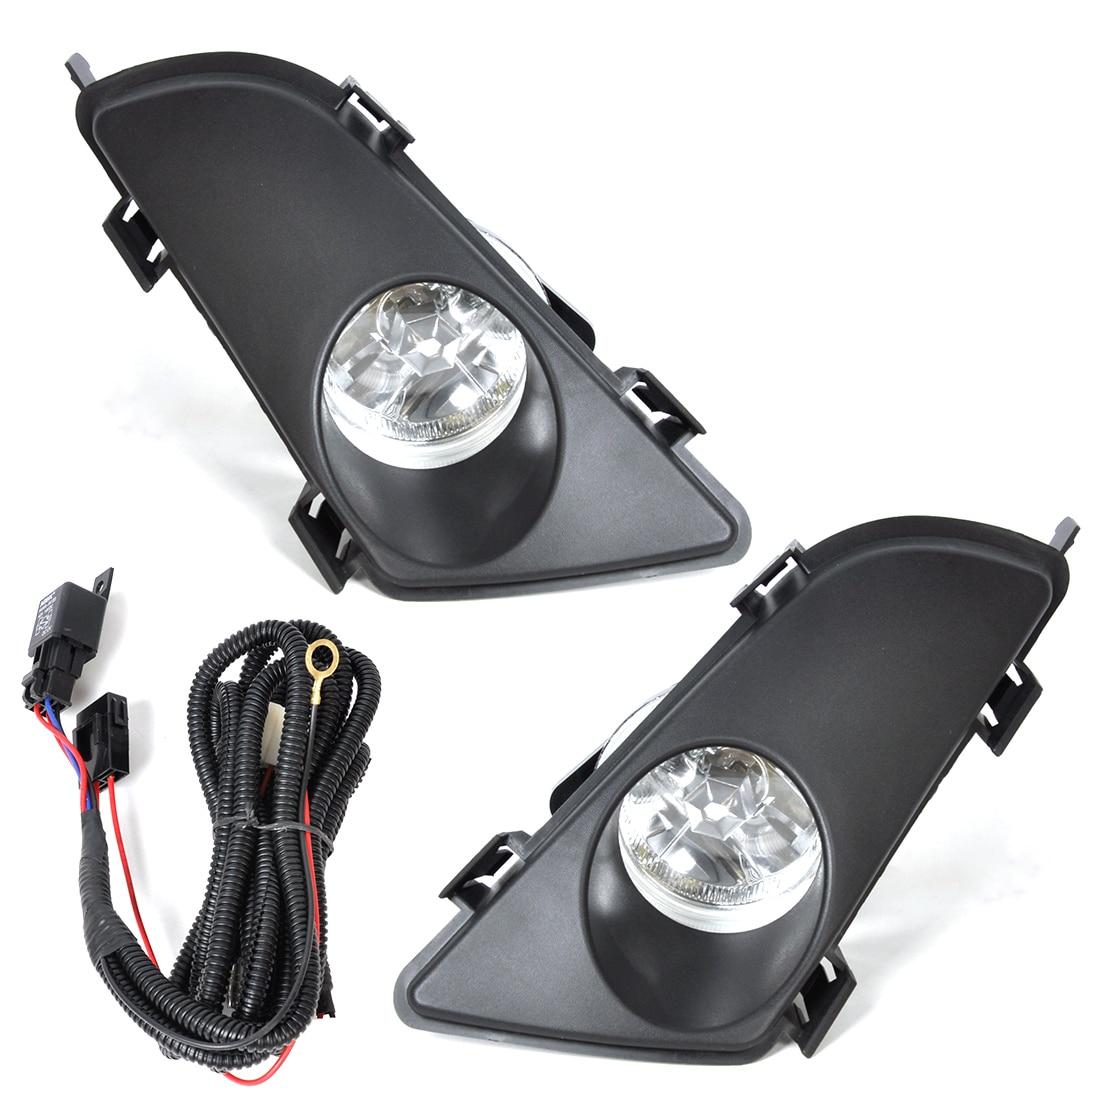 beler Car Lighting Front Right Left Clear Fog Lights Lamp Lens w/Wiring Kit 12V 55W for Mazda 6 2003 2004 2005 fog light set 12v 55w car fog lights lamp for toyota hiace 2014 on clear lens wiring kit free shipping